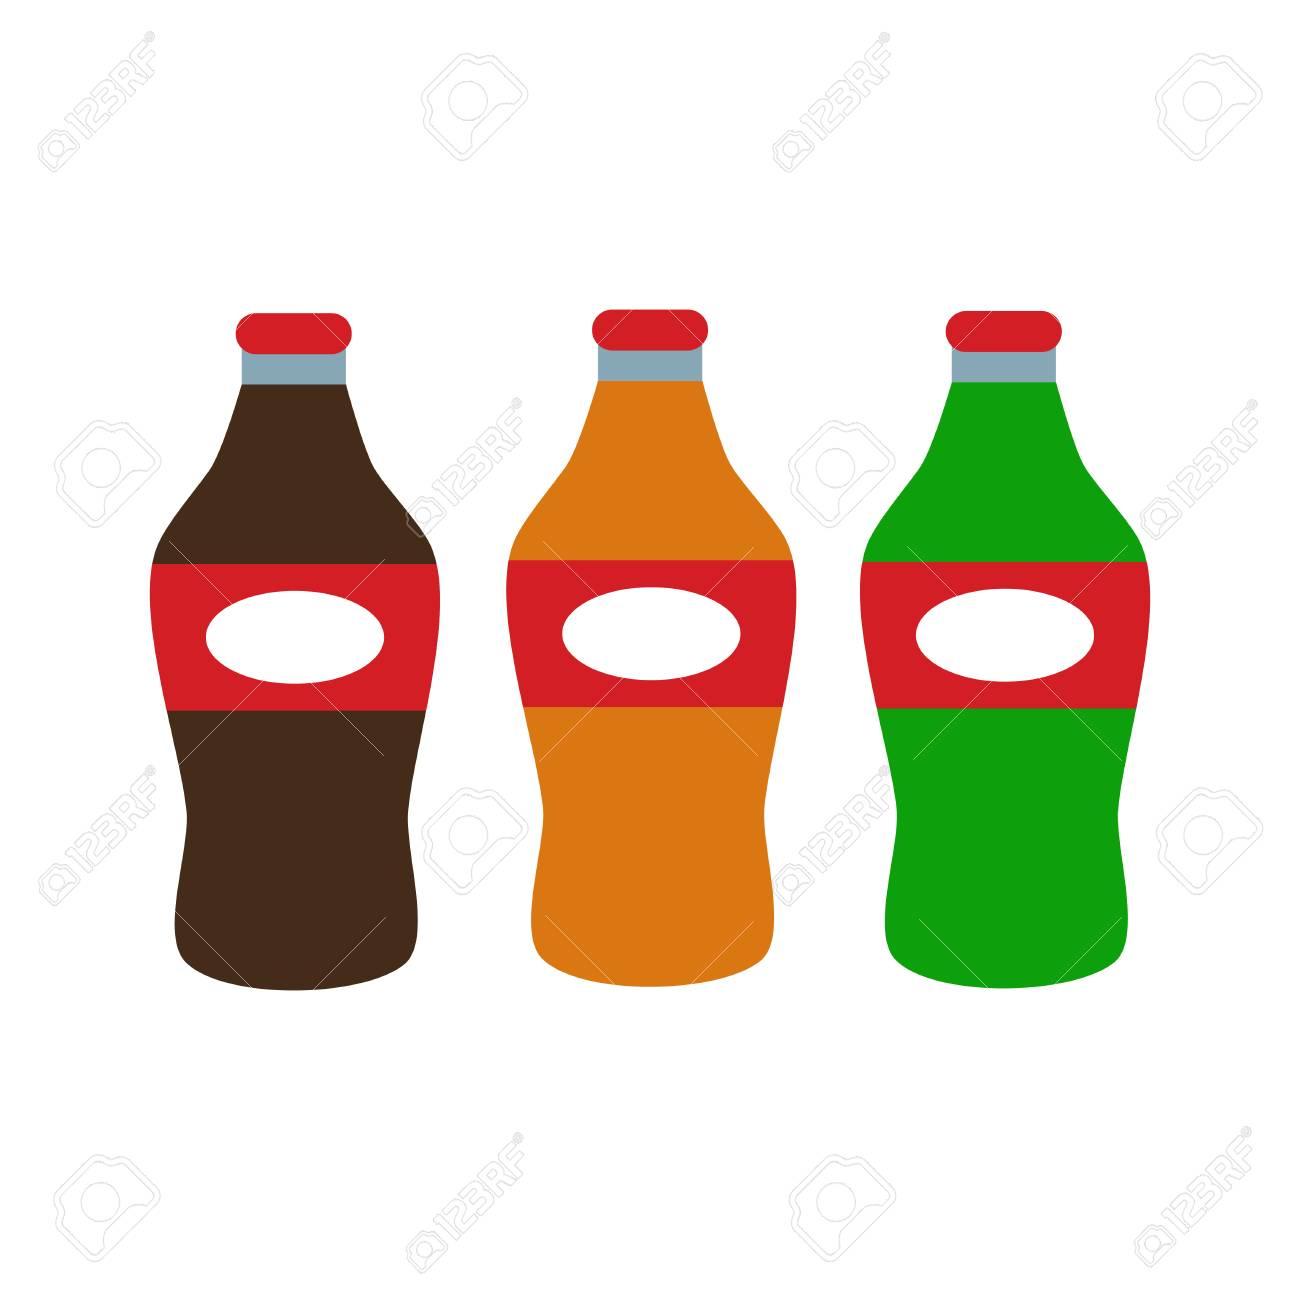 ソーダ、水とジュースやお茶のペットボトル。 ロイヤリティフリー